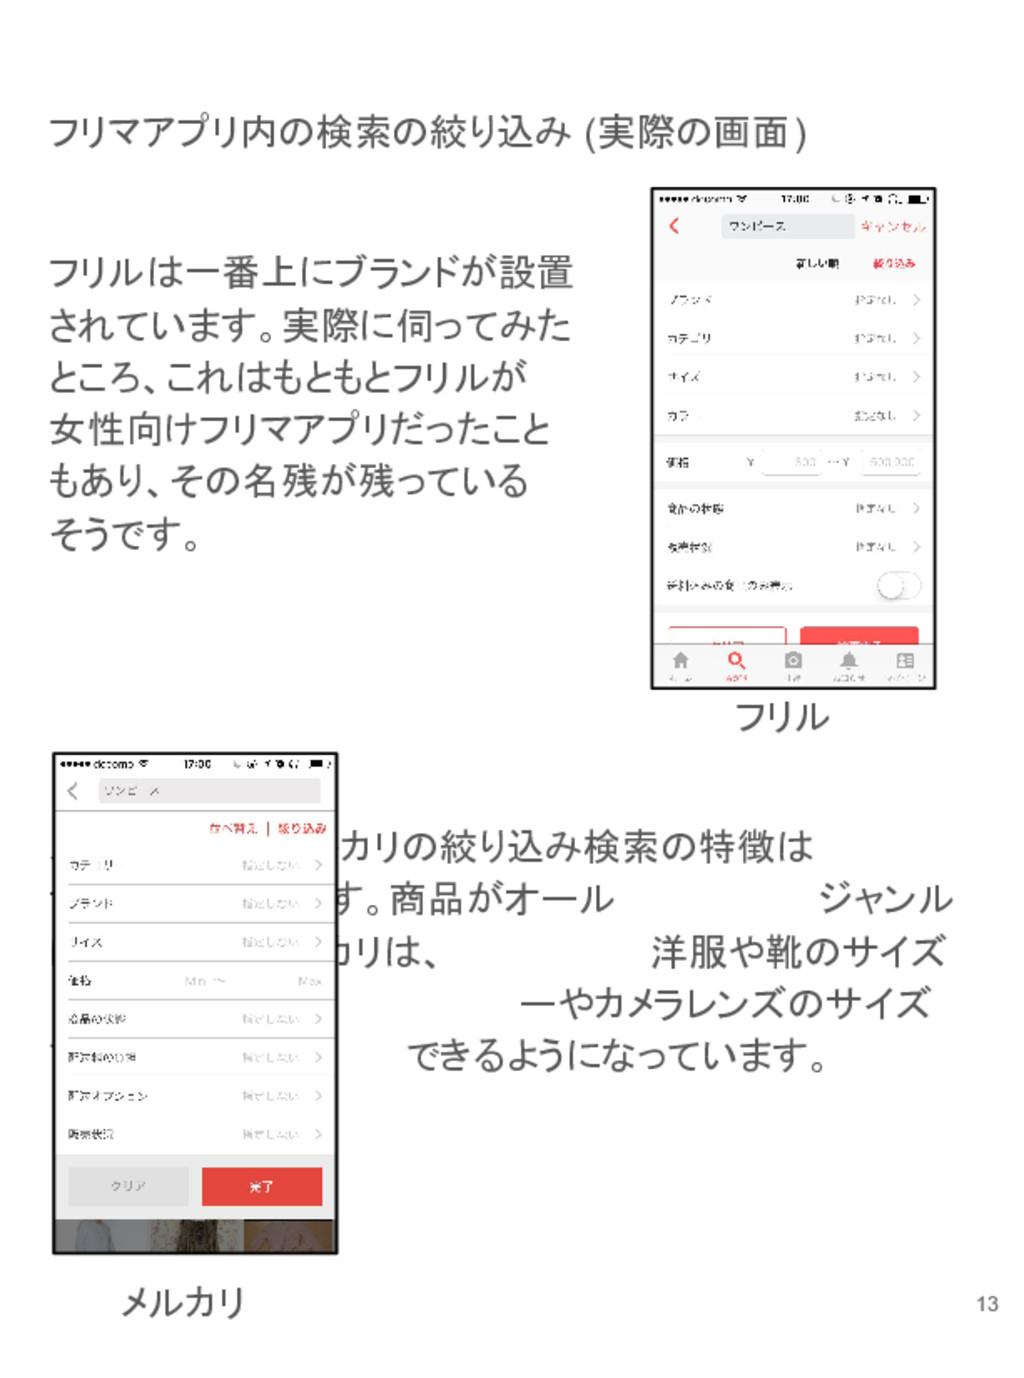 フリマアプリ内の検索の絞り込み (実際の画面) フリルは一番上にブランドが設置 されています。...